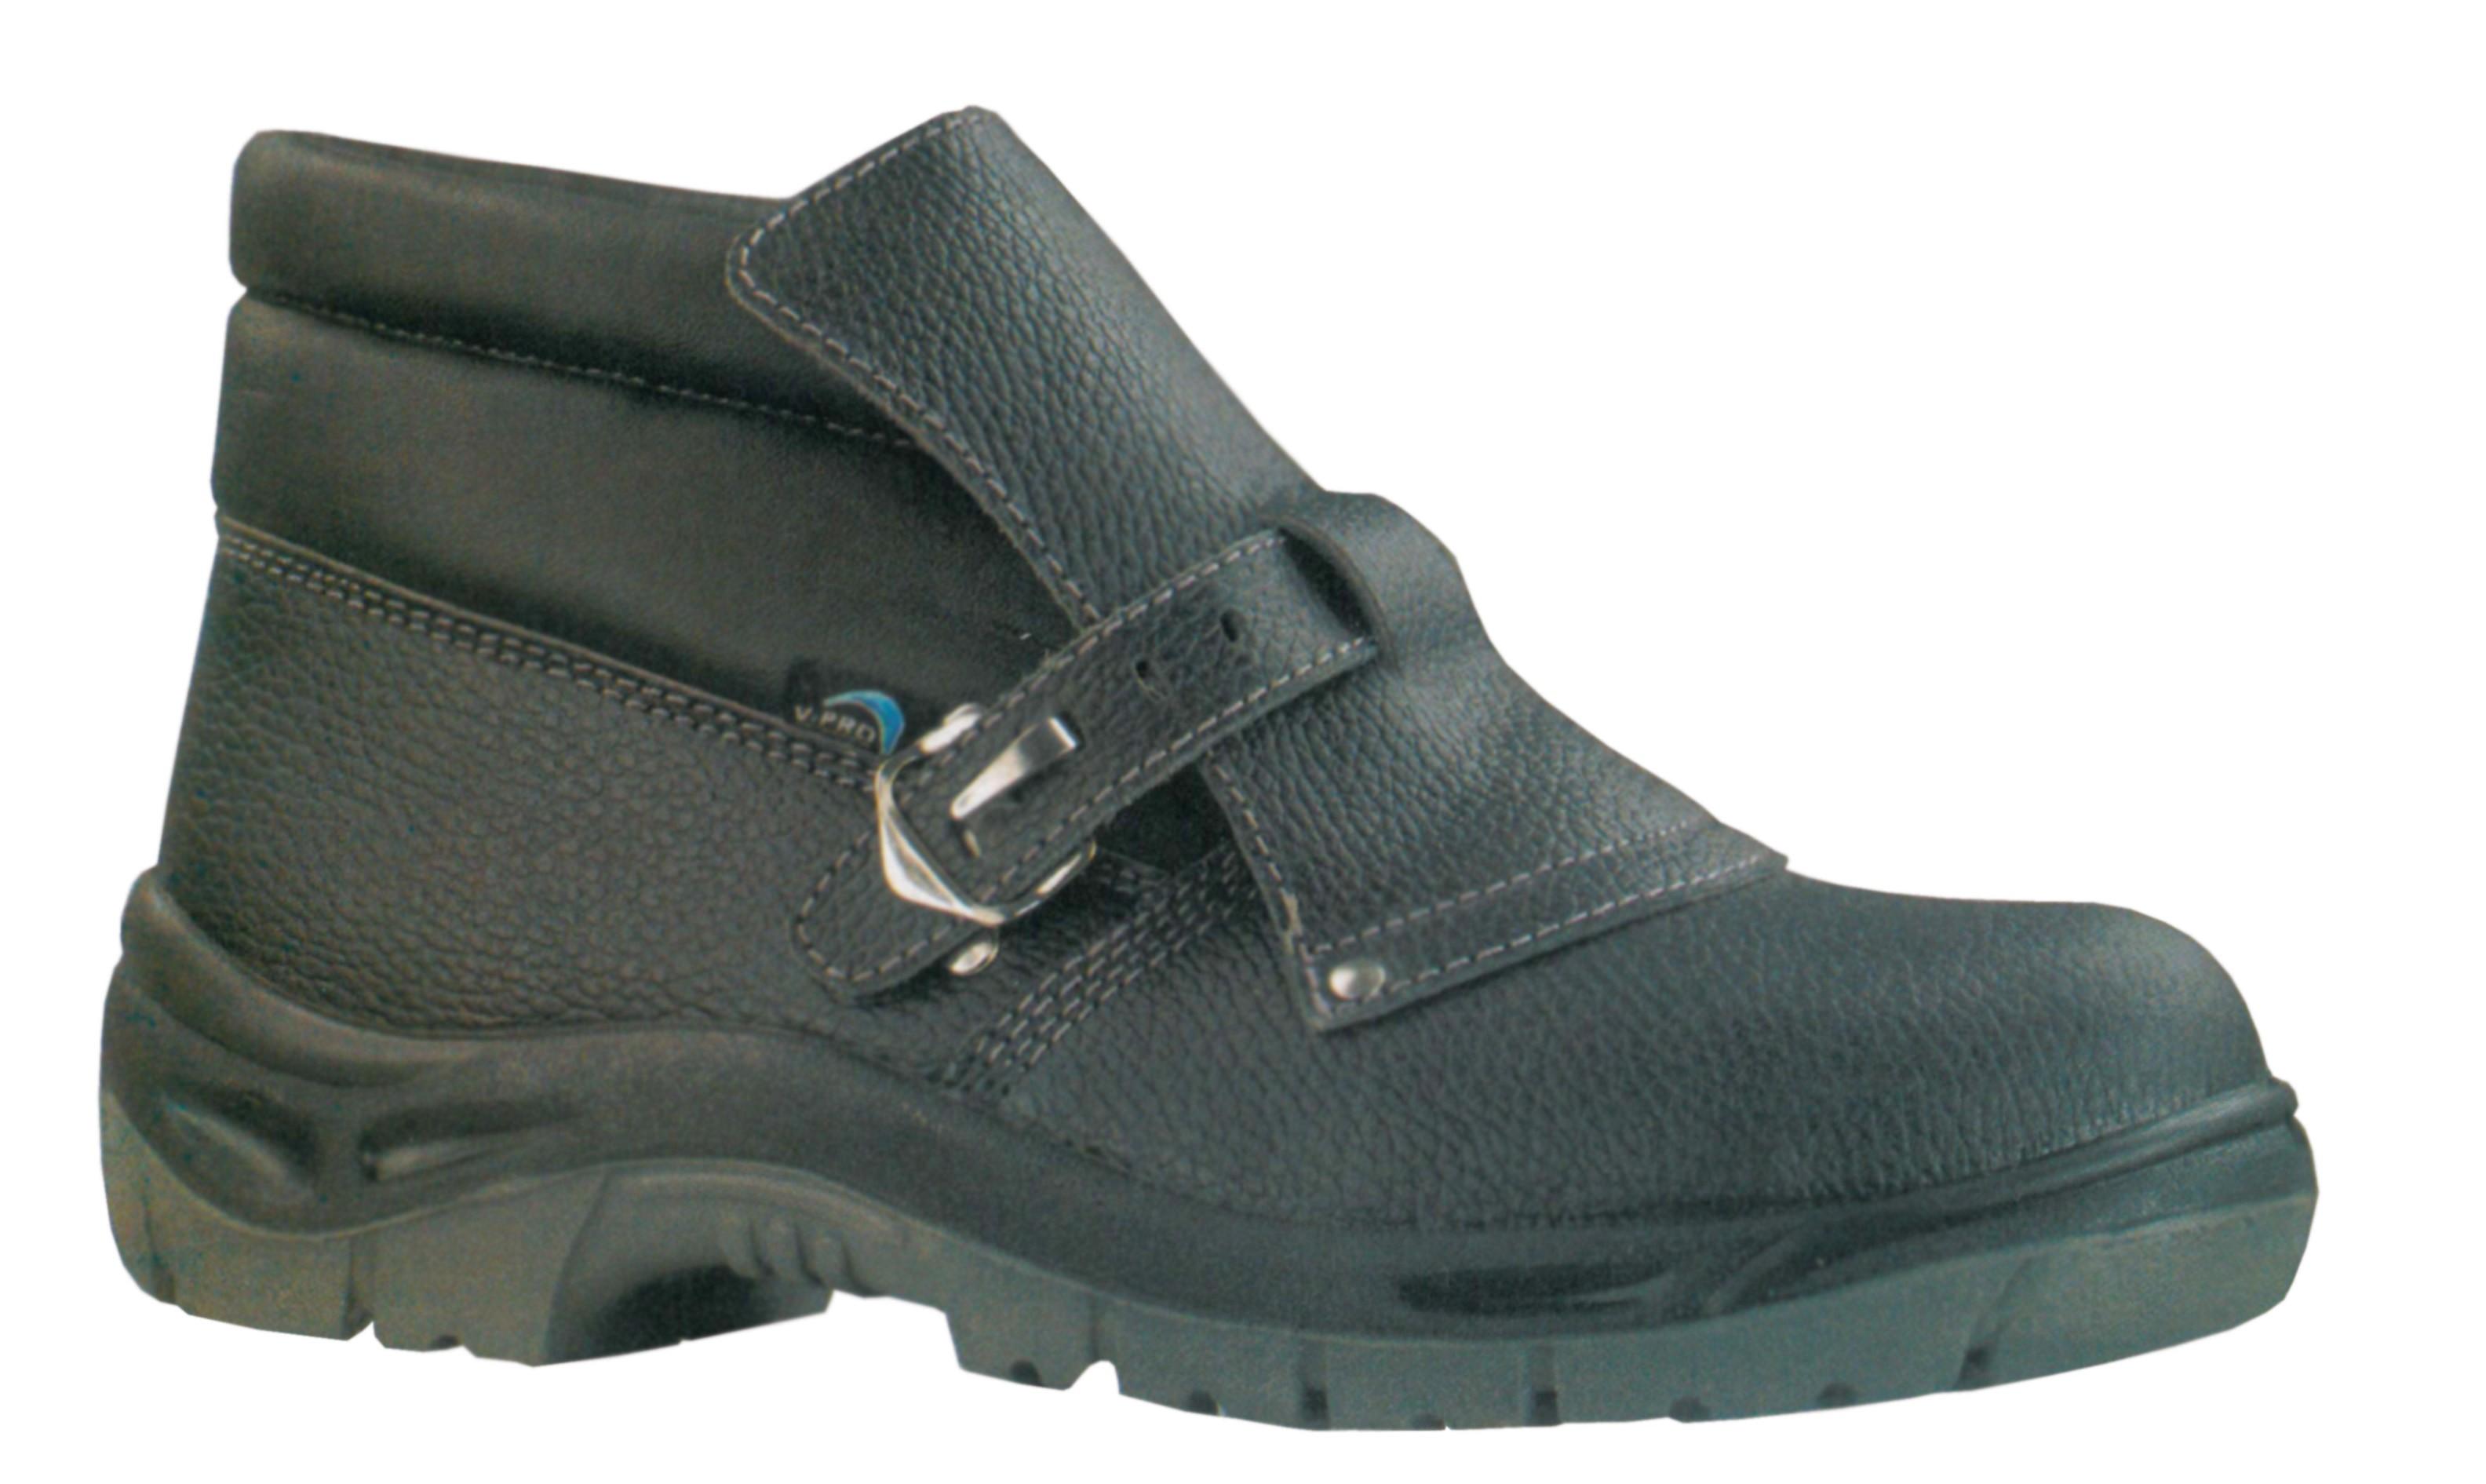 Botas de trabalho /calçado de segurança industrial de Soldador